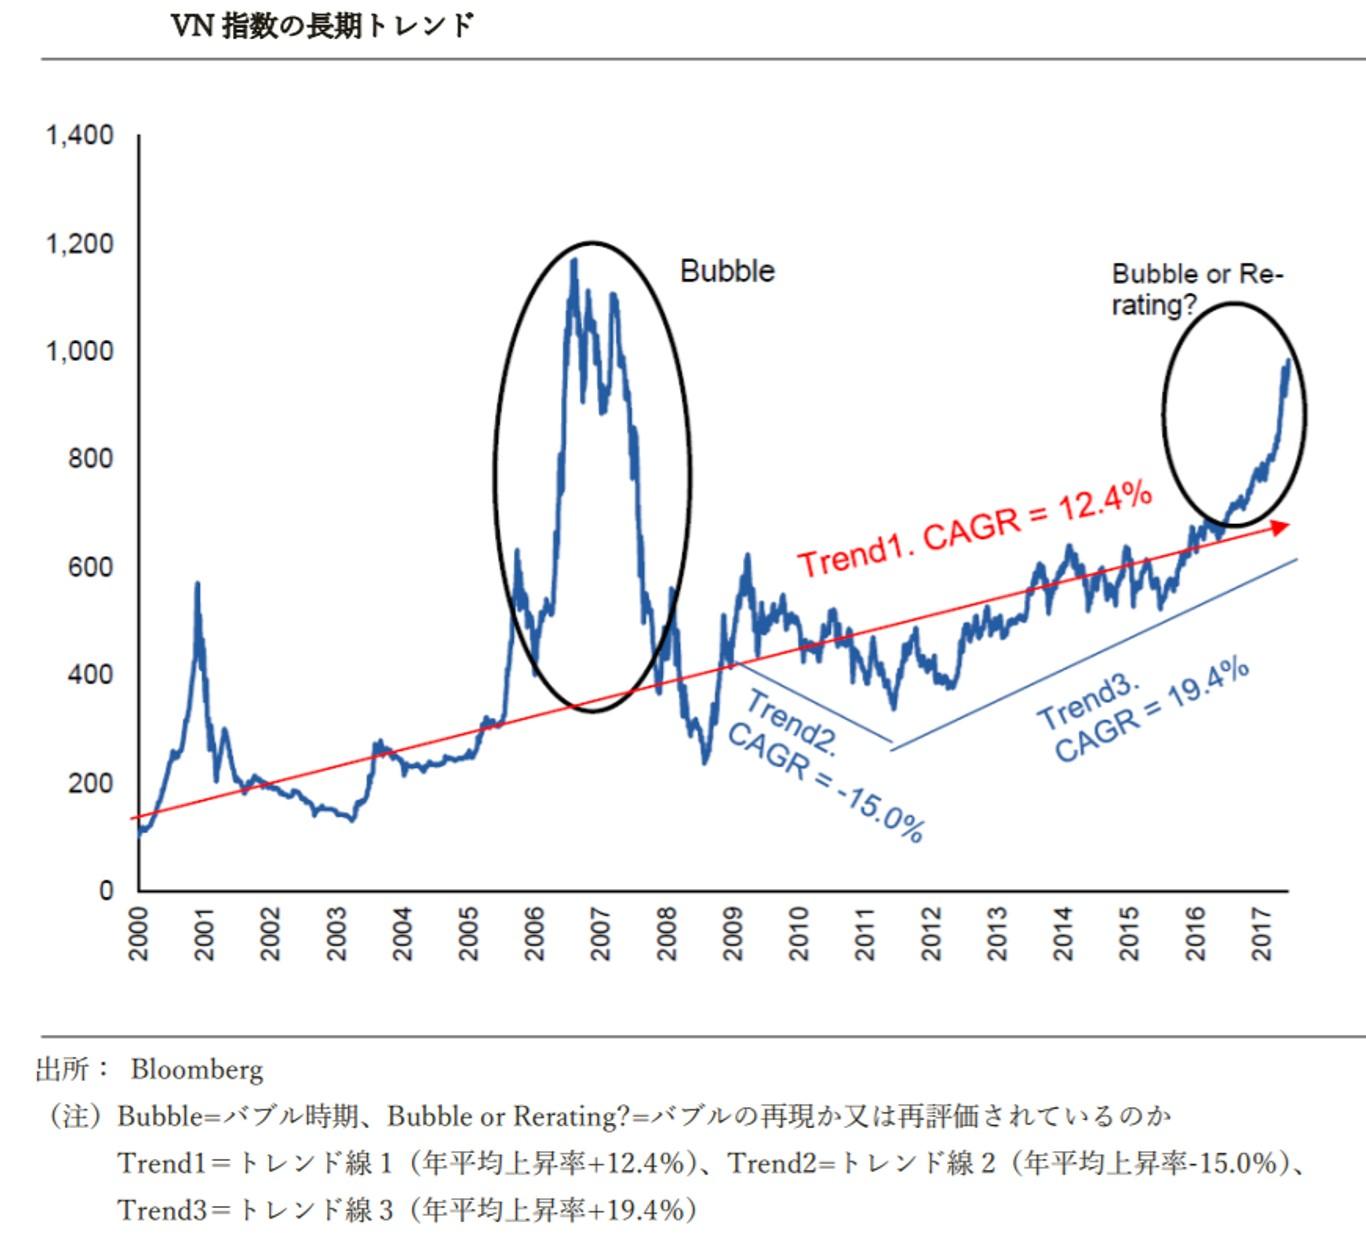 ベトナム株式市場のチャート